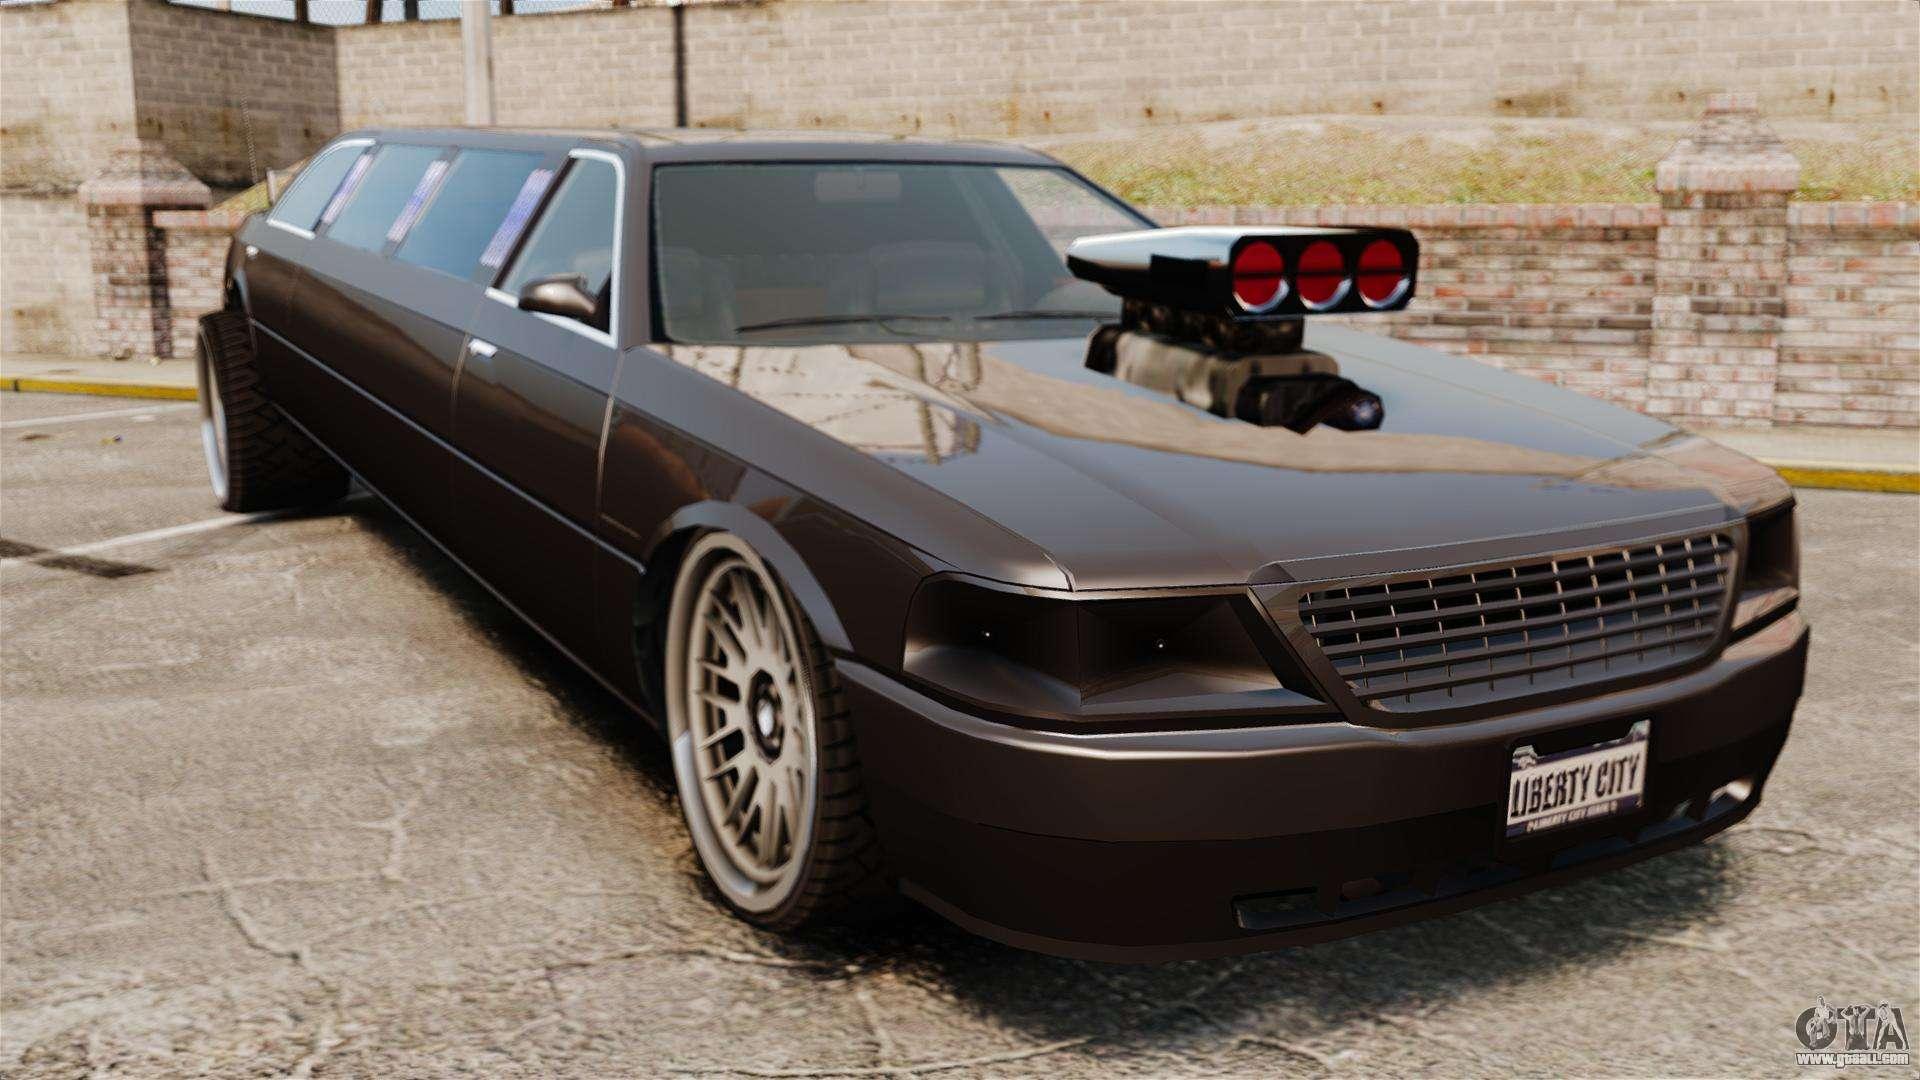 Limo drag racing for GTA 4